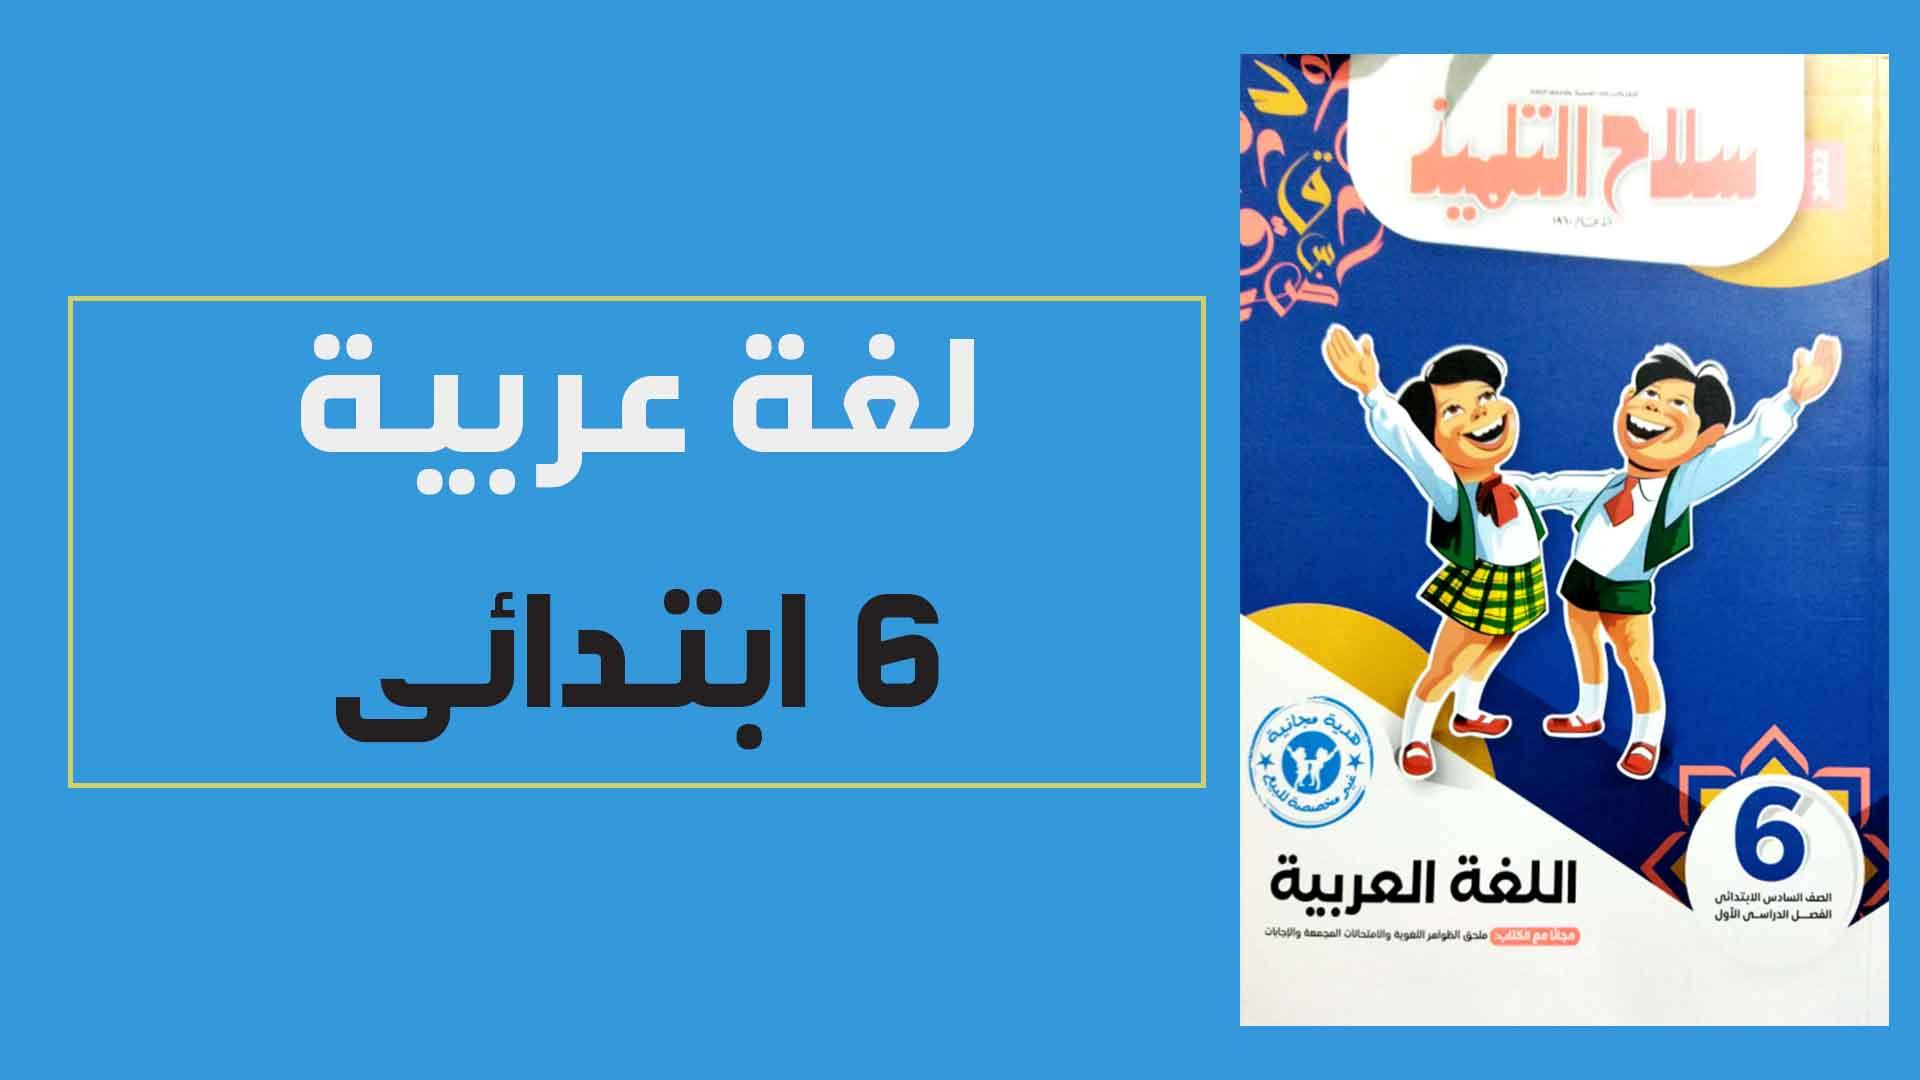 تحميل كتاب سلاح التلميذ فى اللغة العربية للصف السادس الابتدائي الترم الاول 2022 pdf (النسخة الجديدة)